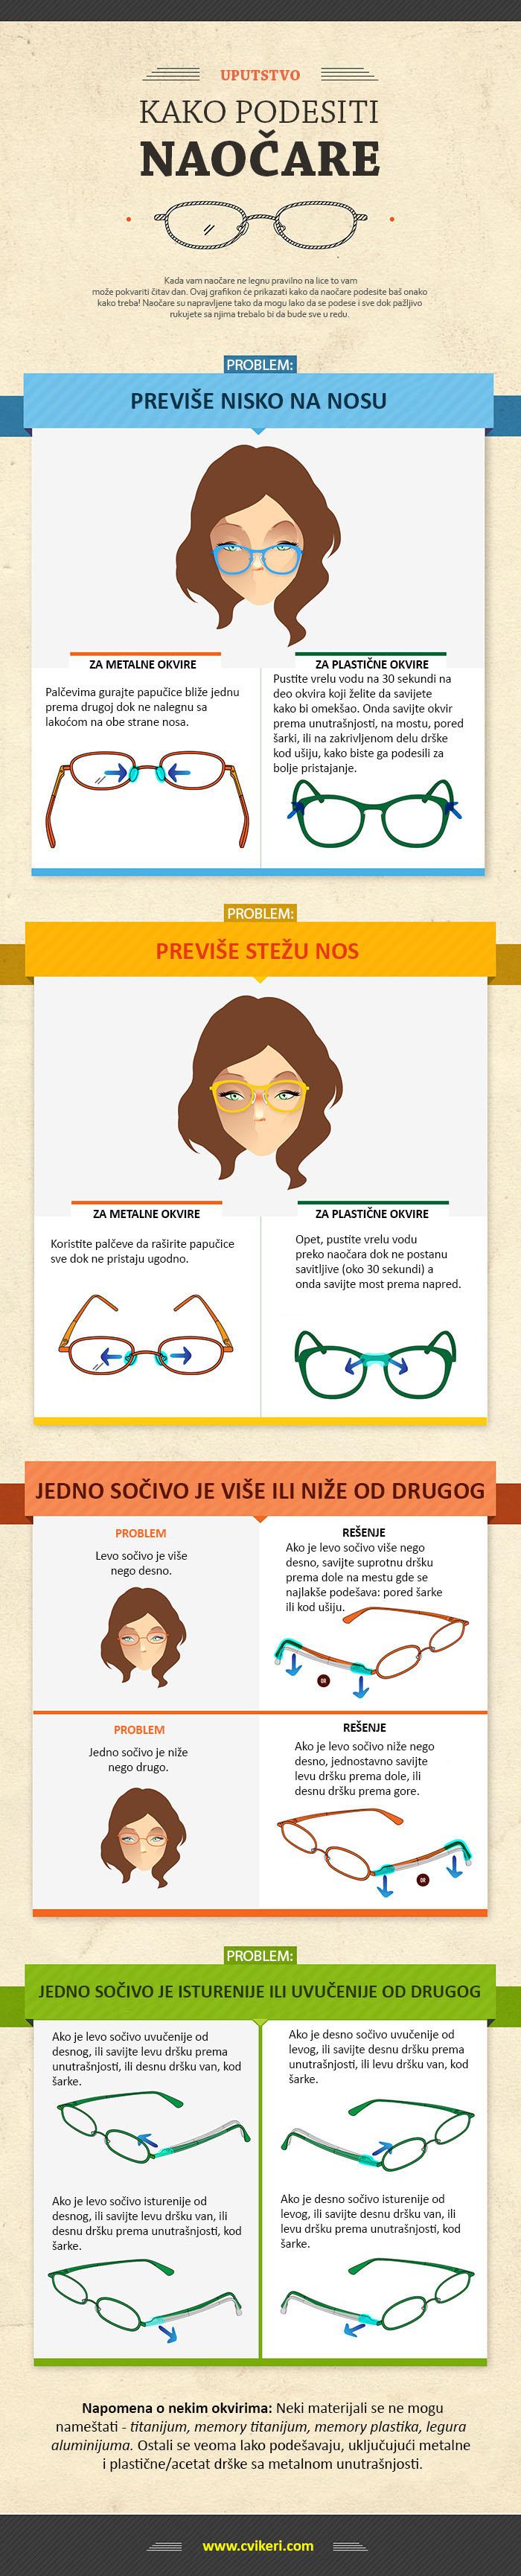 Podešavanje naočara - infografik Cvikeri.com